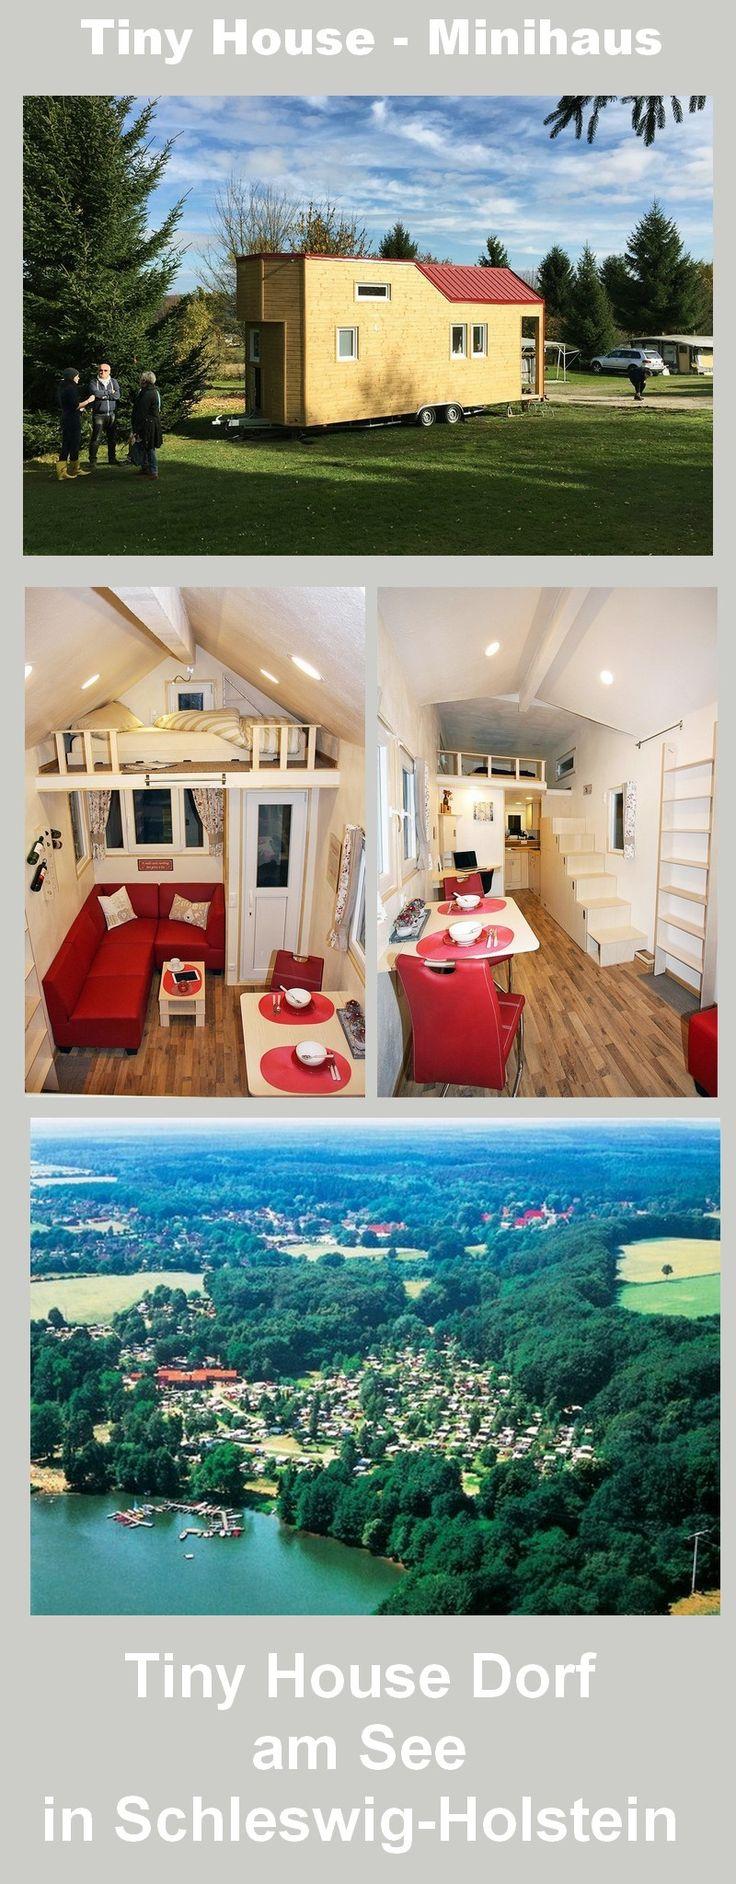 tiny house minihaus am see im herzen von schleswig holstein im tiny house dorf zu verkaufen. Black Bedroom Furniture Sets. Home Design Ideas